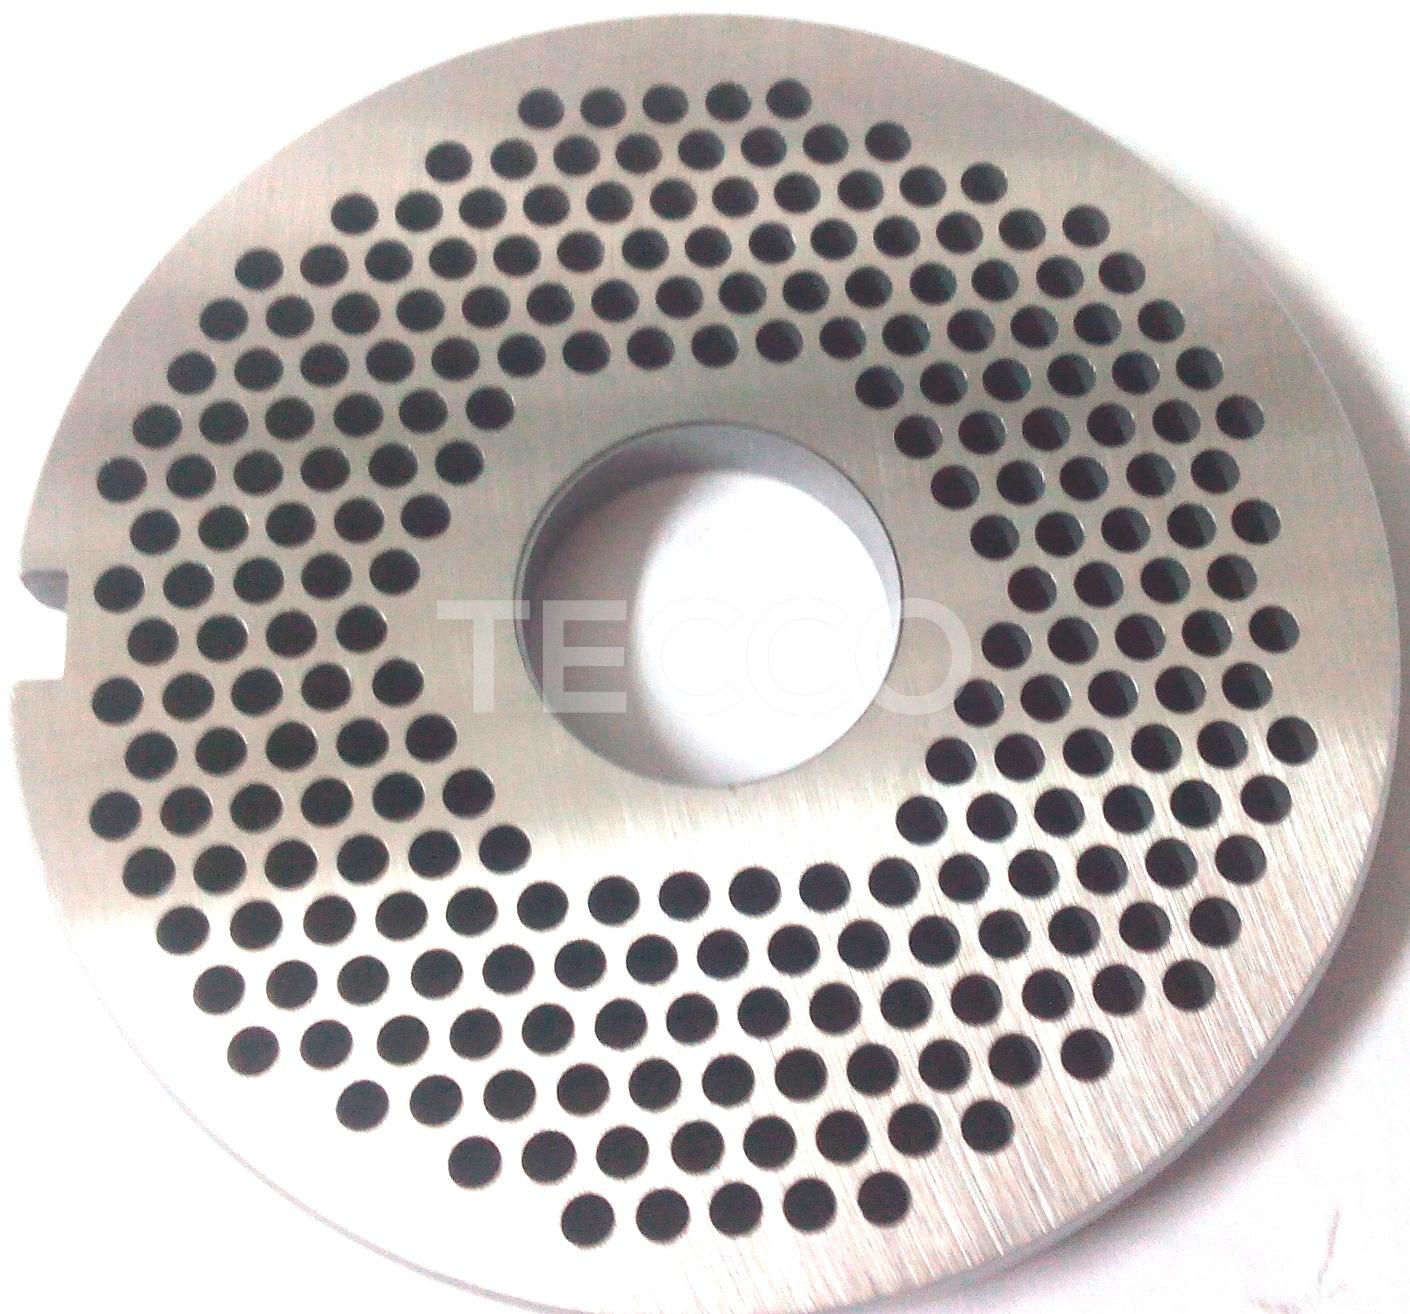 Решетка 3 мм для мясорубки модели 22 (H/82) системы Unger